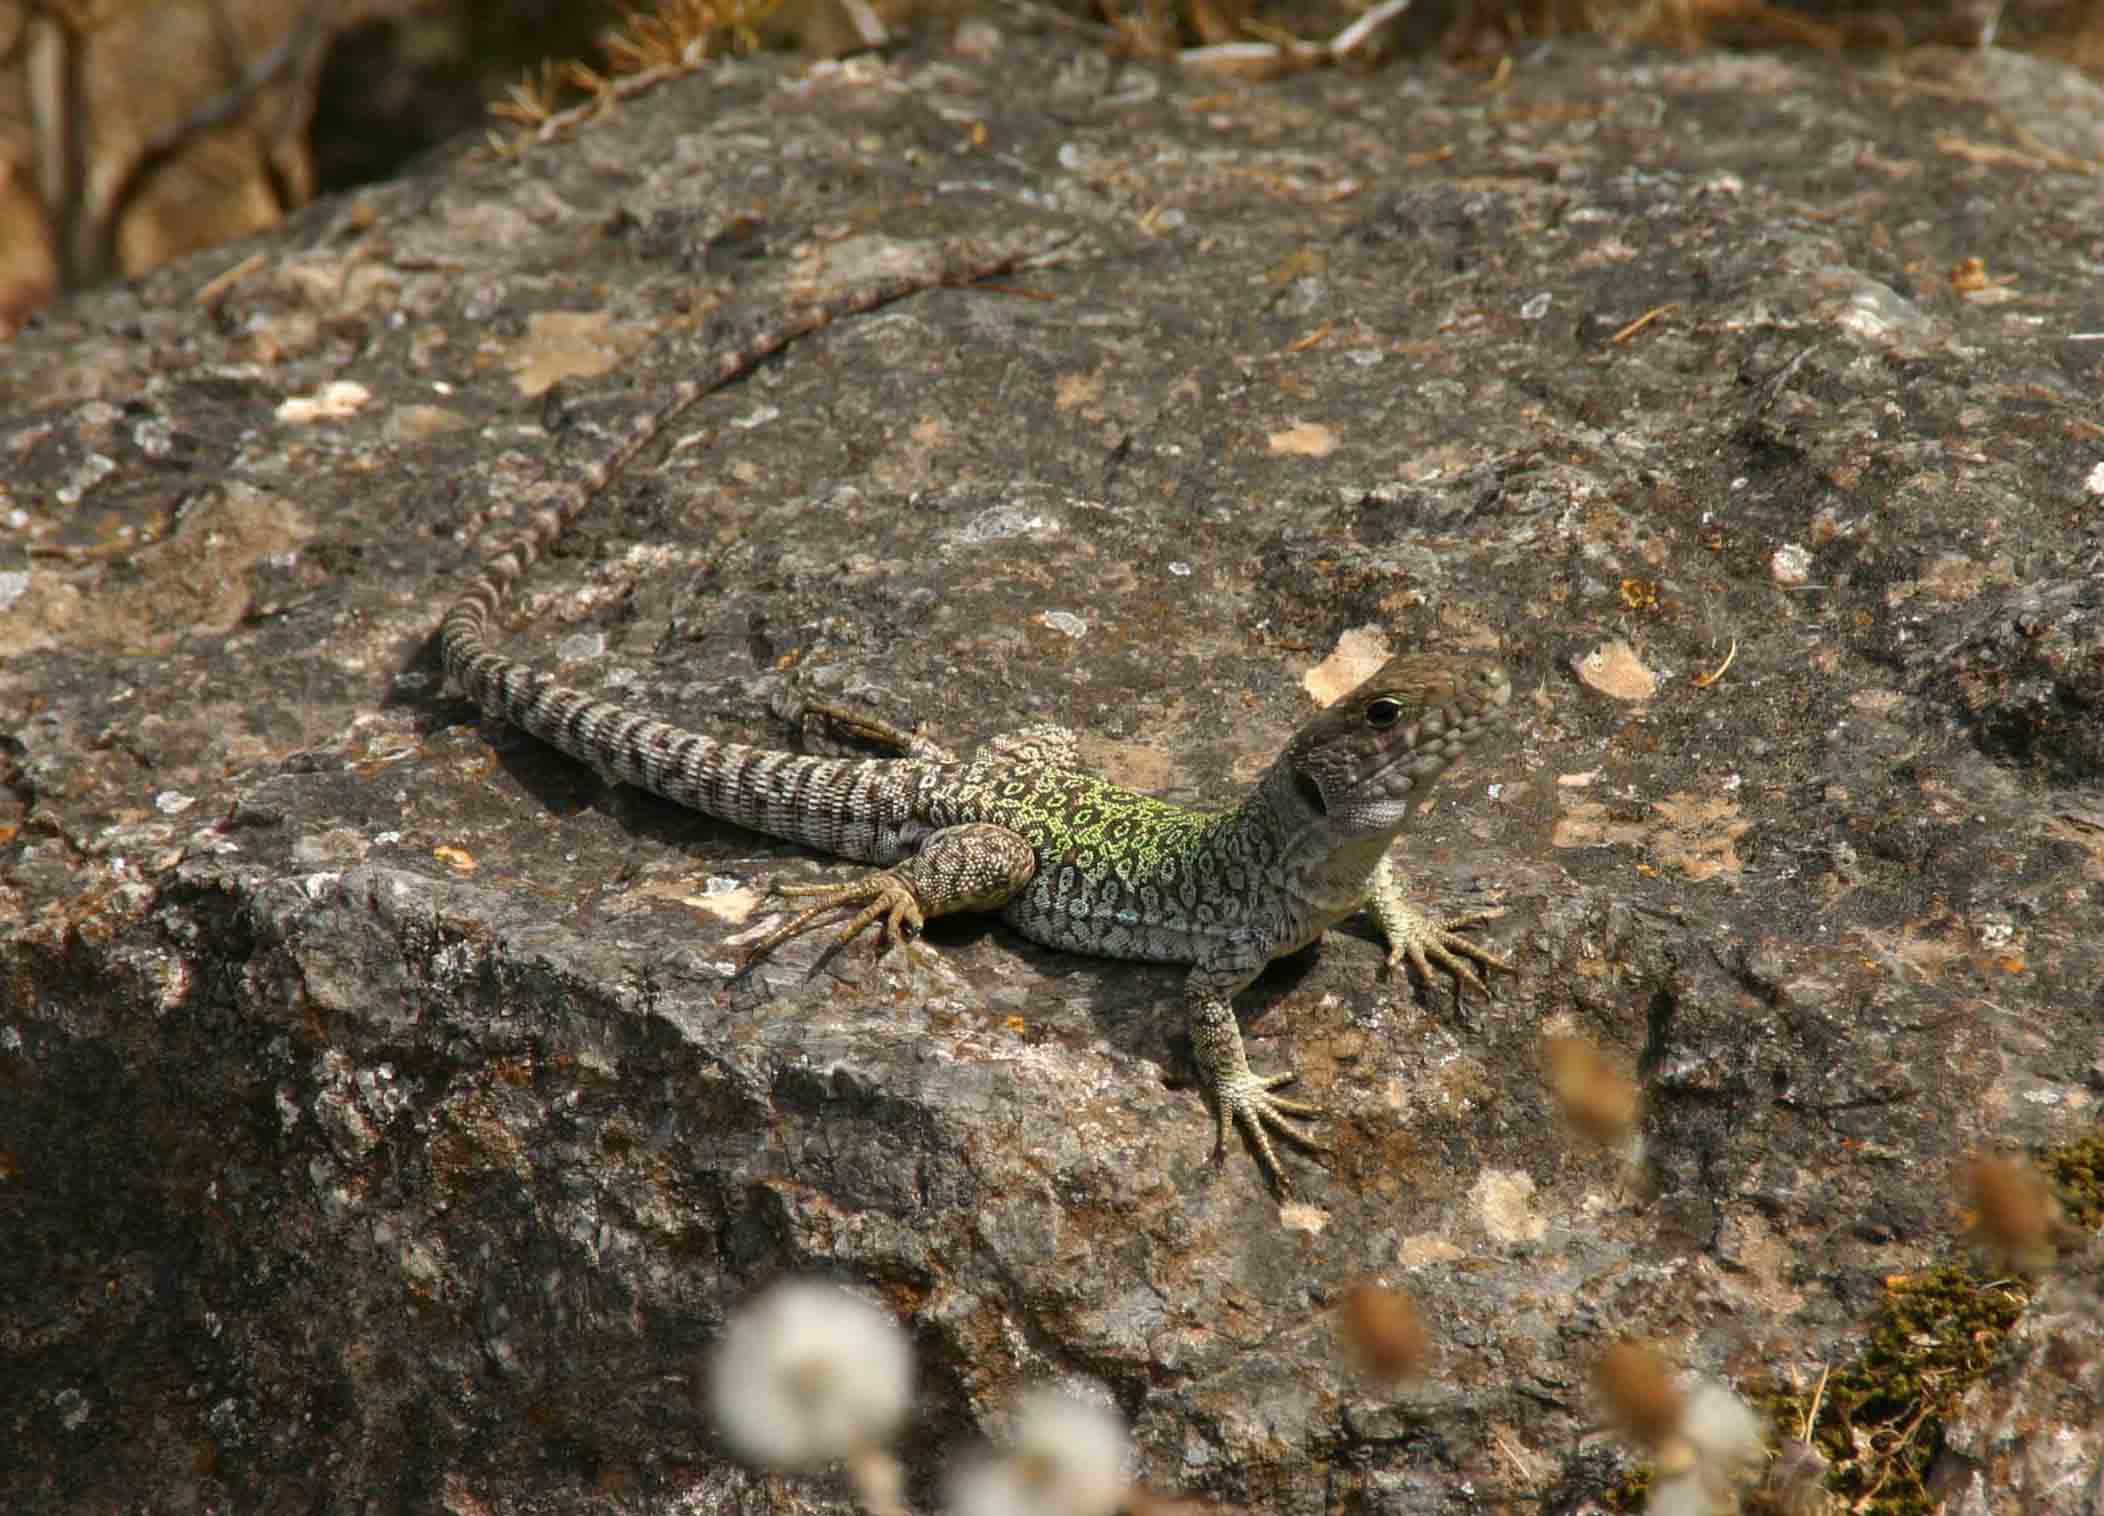 Sub adult Ocellated lizard (Timon lepidus)